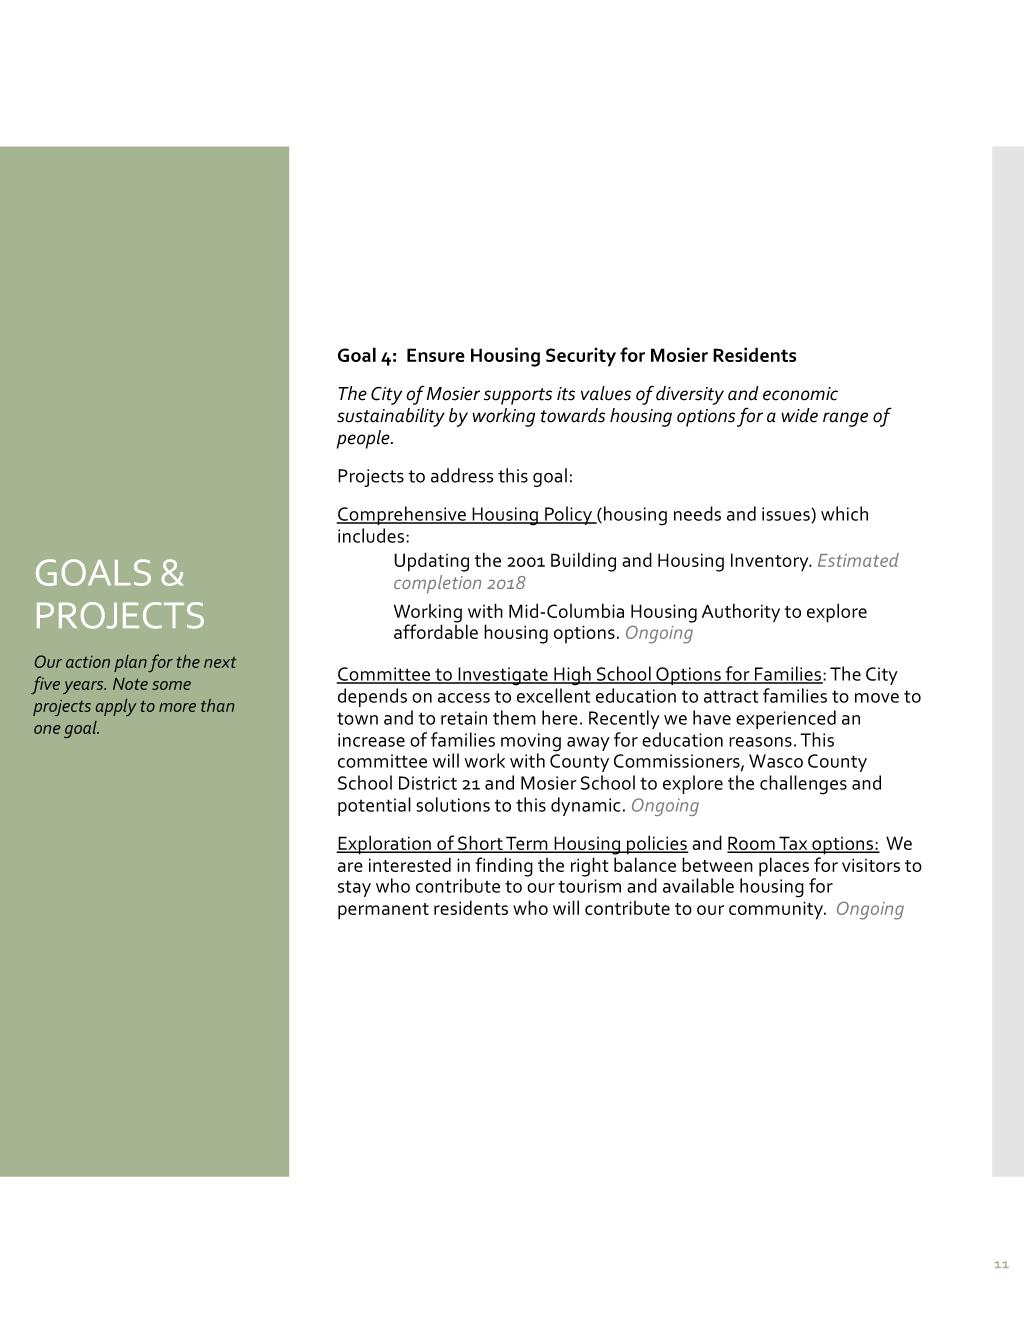 Read Mosier five-year strategic plan